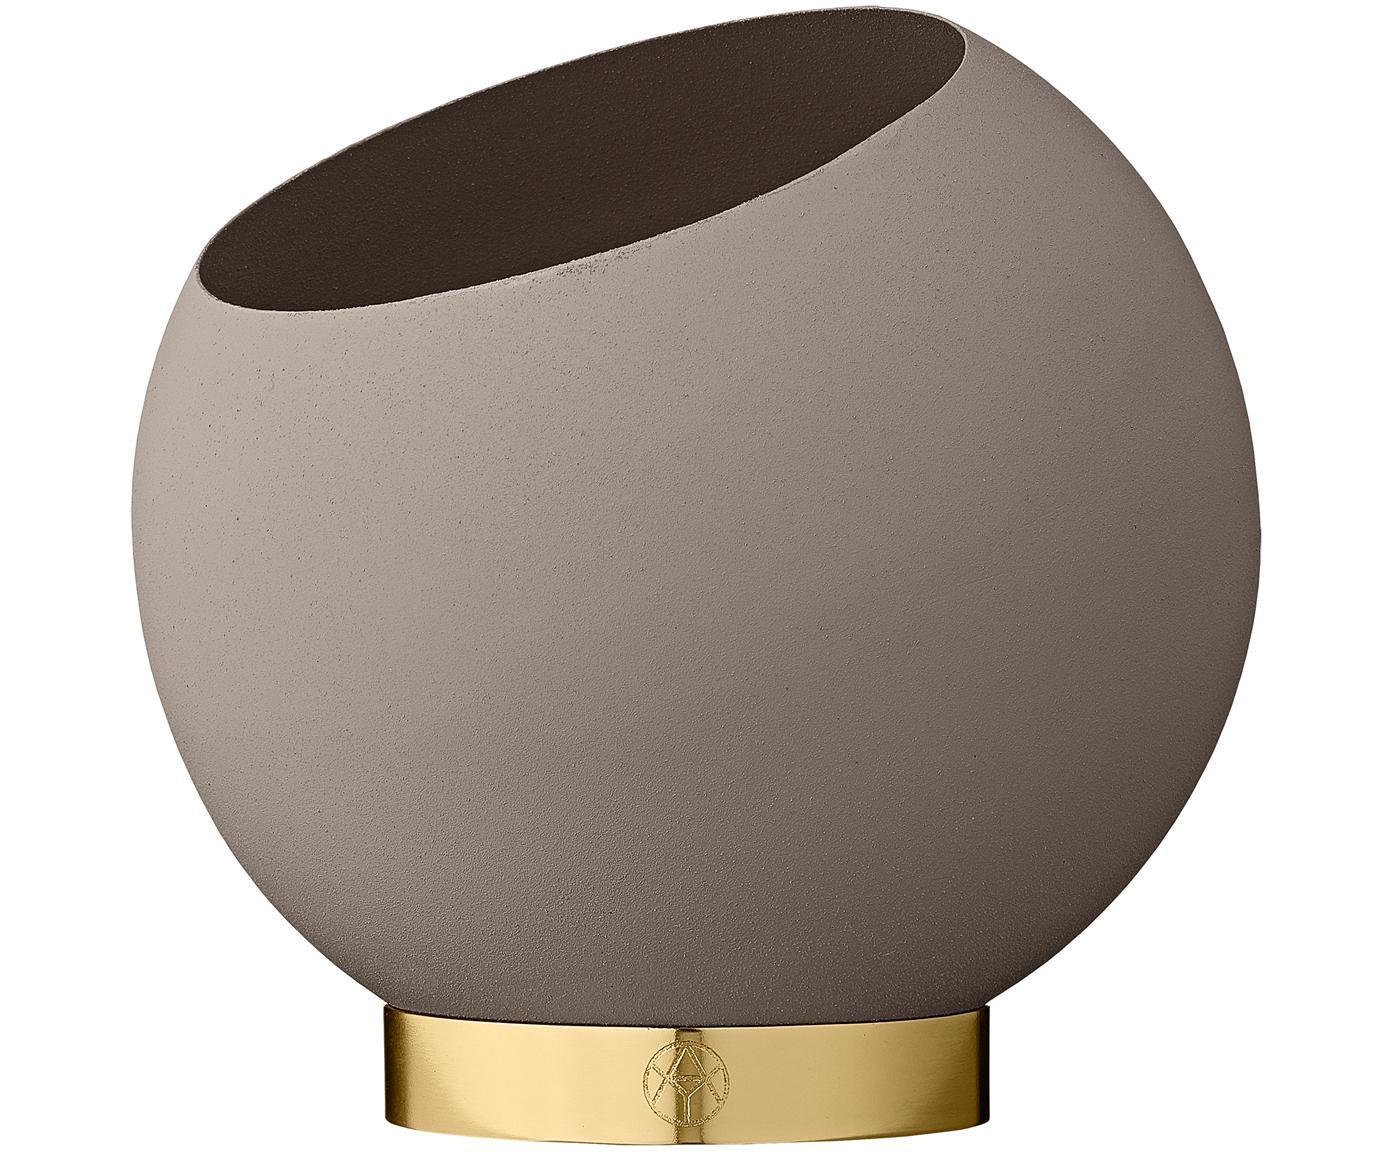 Übertopf Globe, Übertopf: Metall, pulverbeschichtet, Fuß: Edelstahl, beschichtet un, Taupe, Ø 17 x H 15 cm